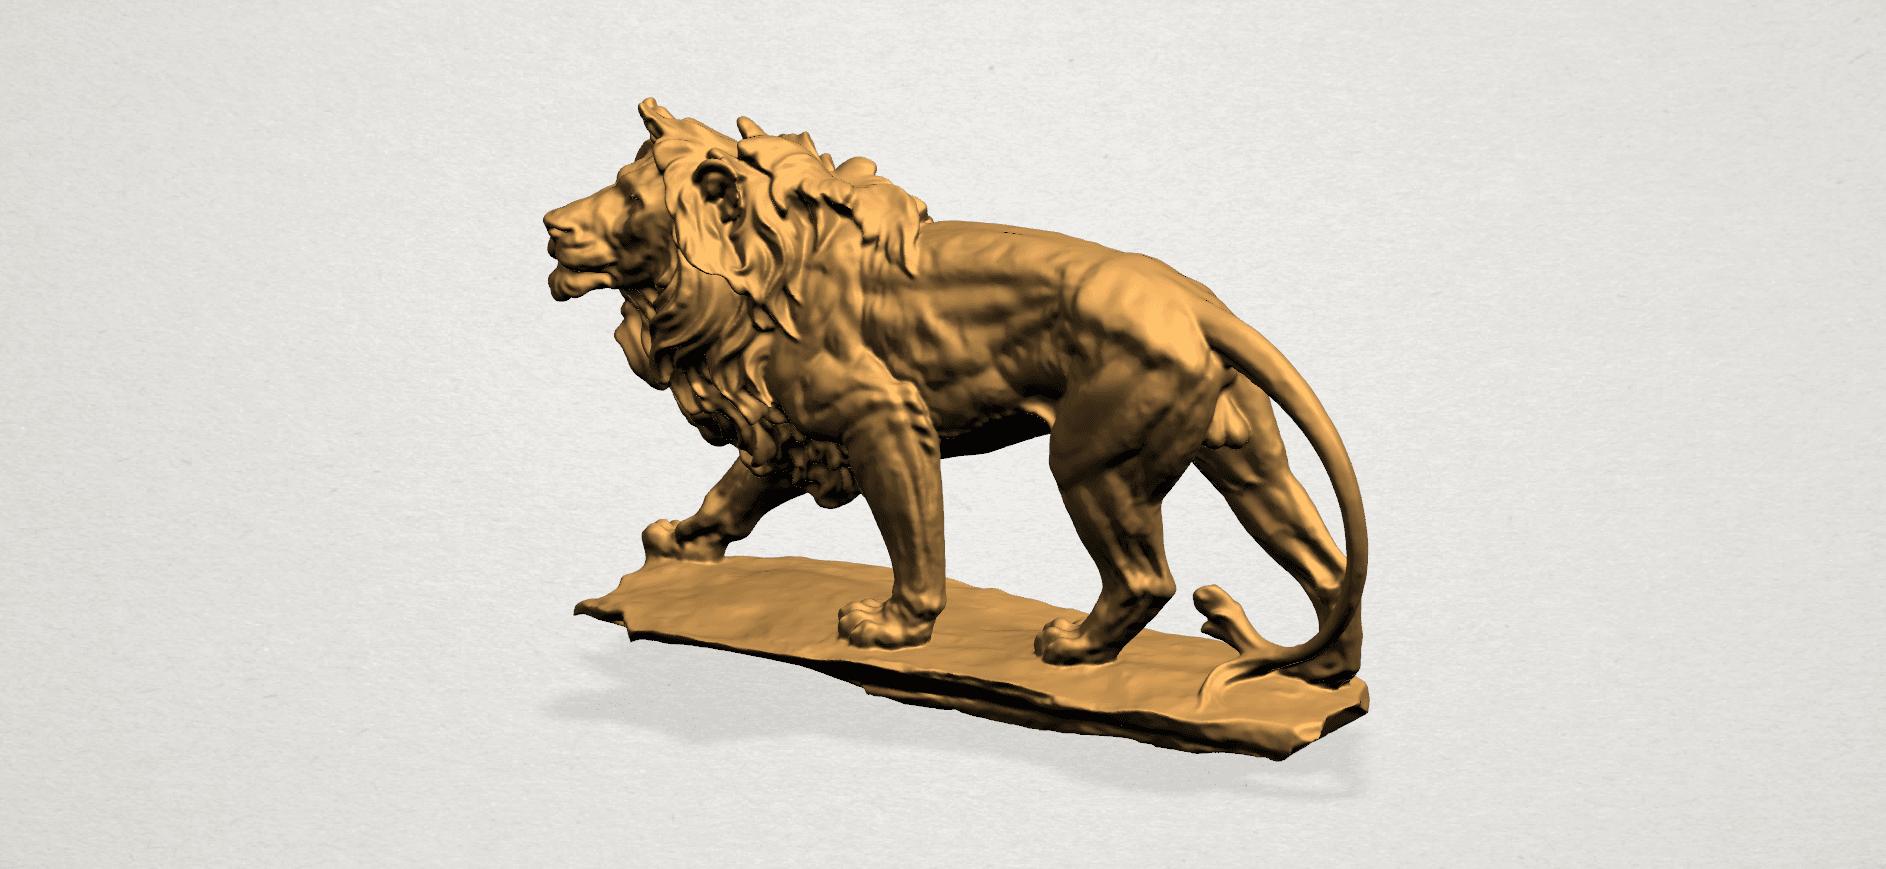 Lion (ii) -50mm-A03.png Télécharger fichier STL gratuit Lion 02 • Design pour impression 3D, GeorgesNikkei